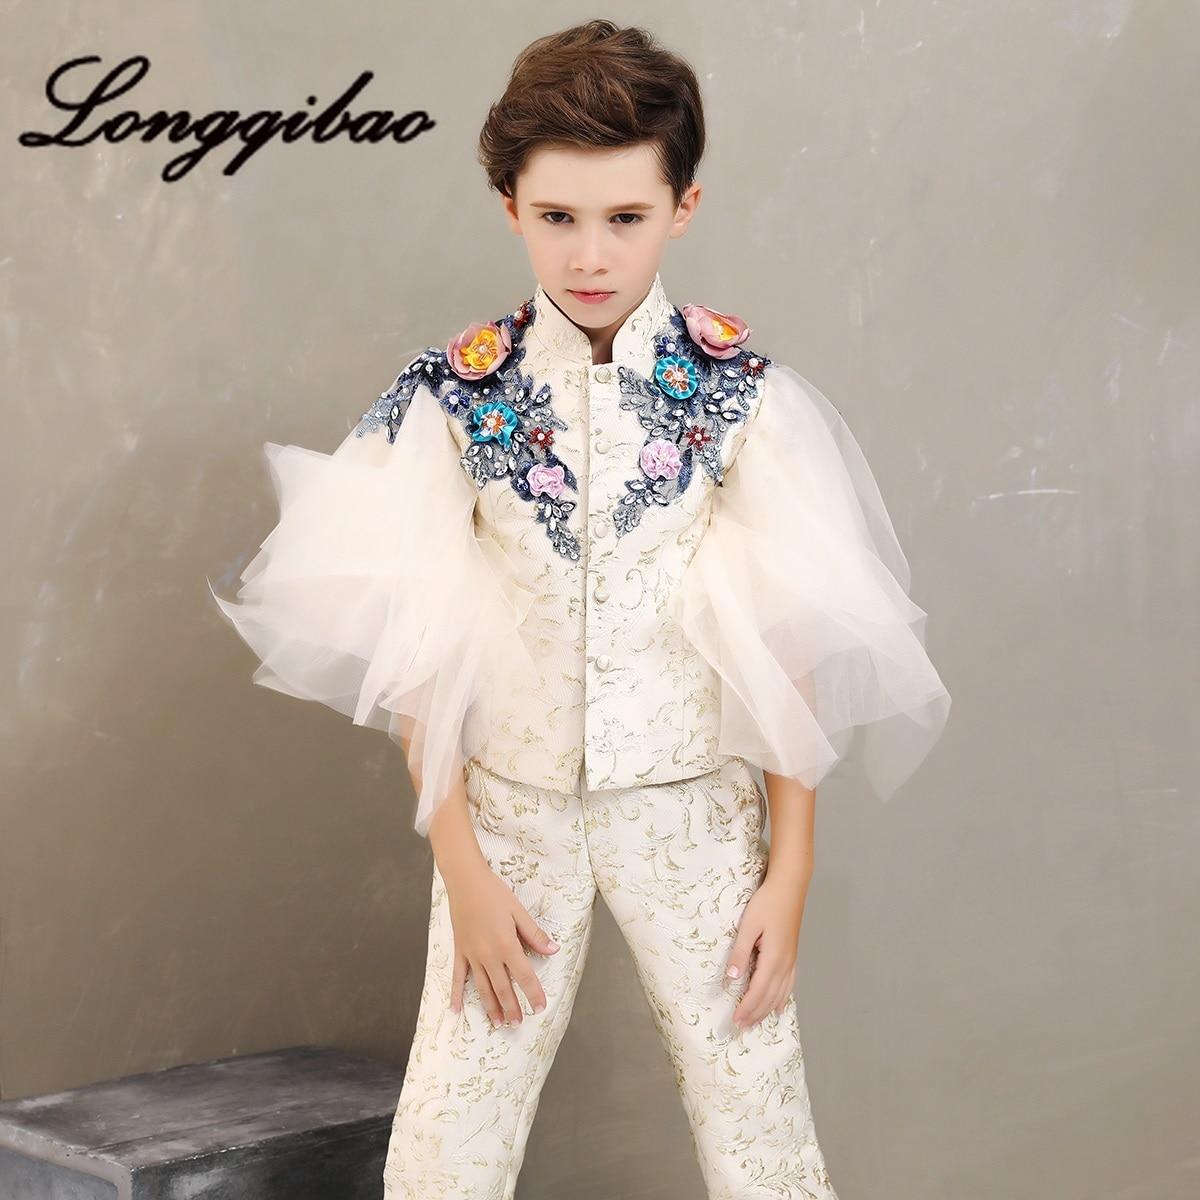 modelo infantil passarela mostrar pequeno anfitriao trajes 04